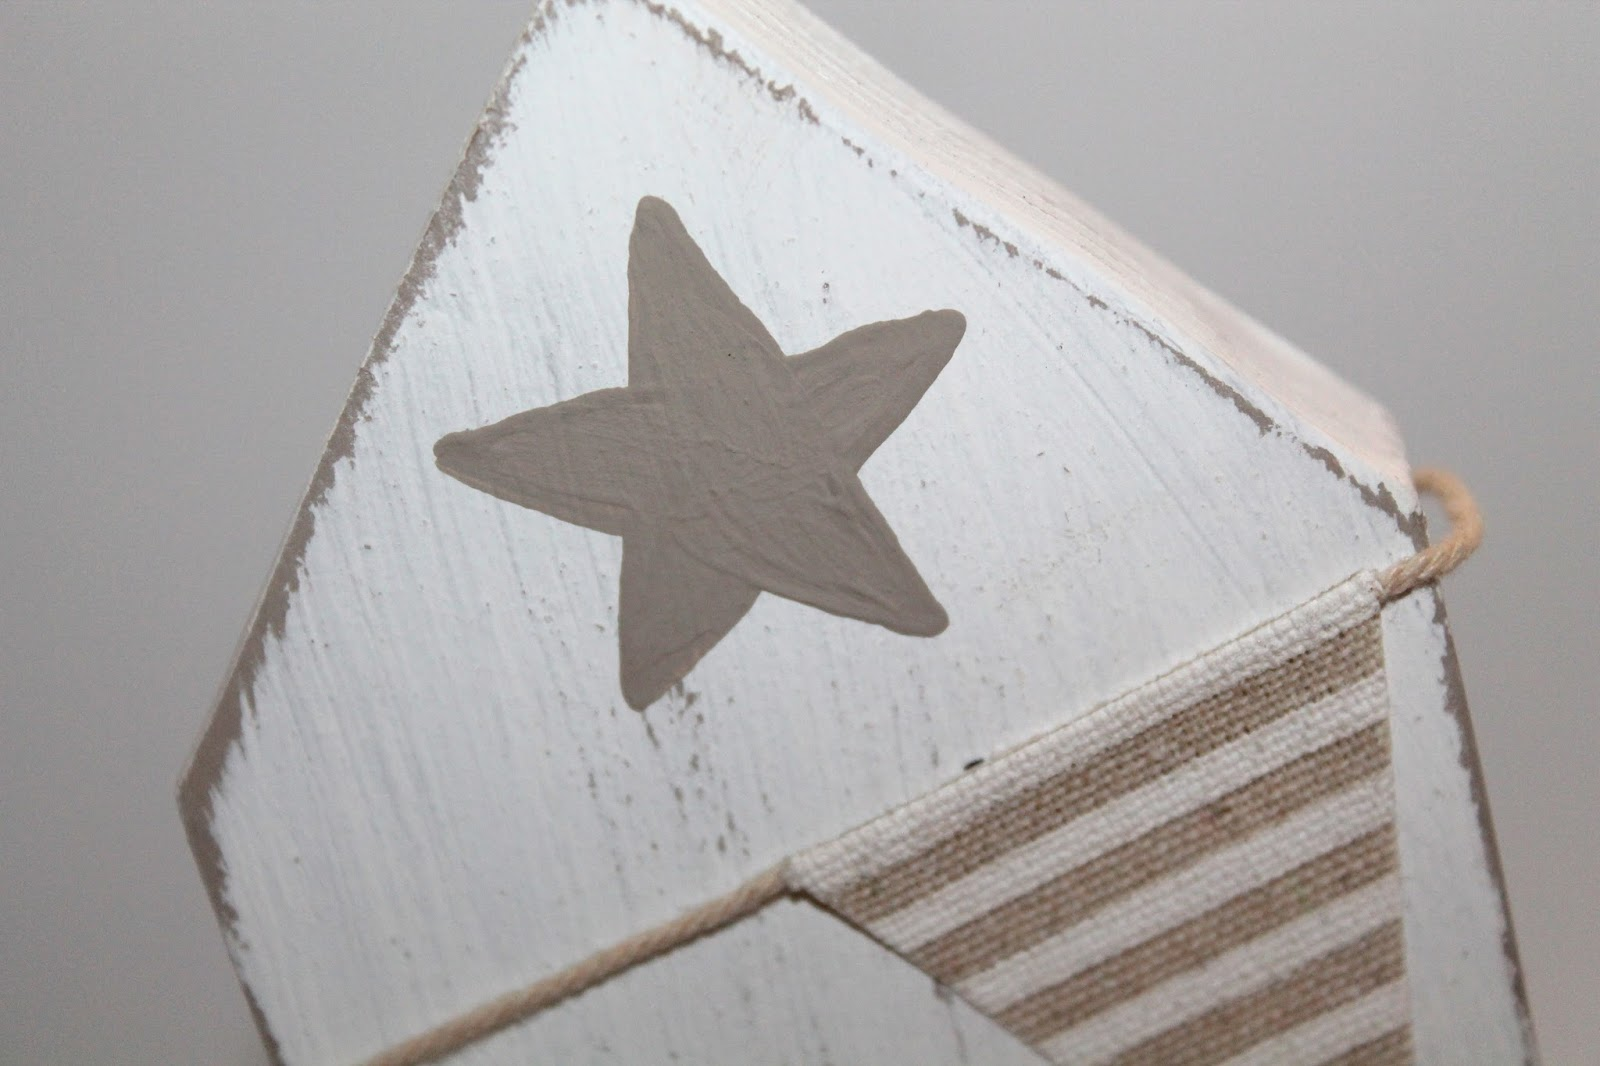 DIY, Basteln: Häuschen Laubsägearbeit Shabby Chic aus Holz als Geschenkidee und Wohndekoration - DIYCarinchen